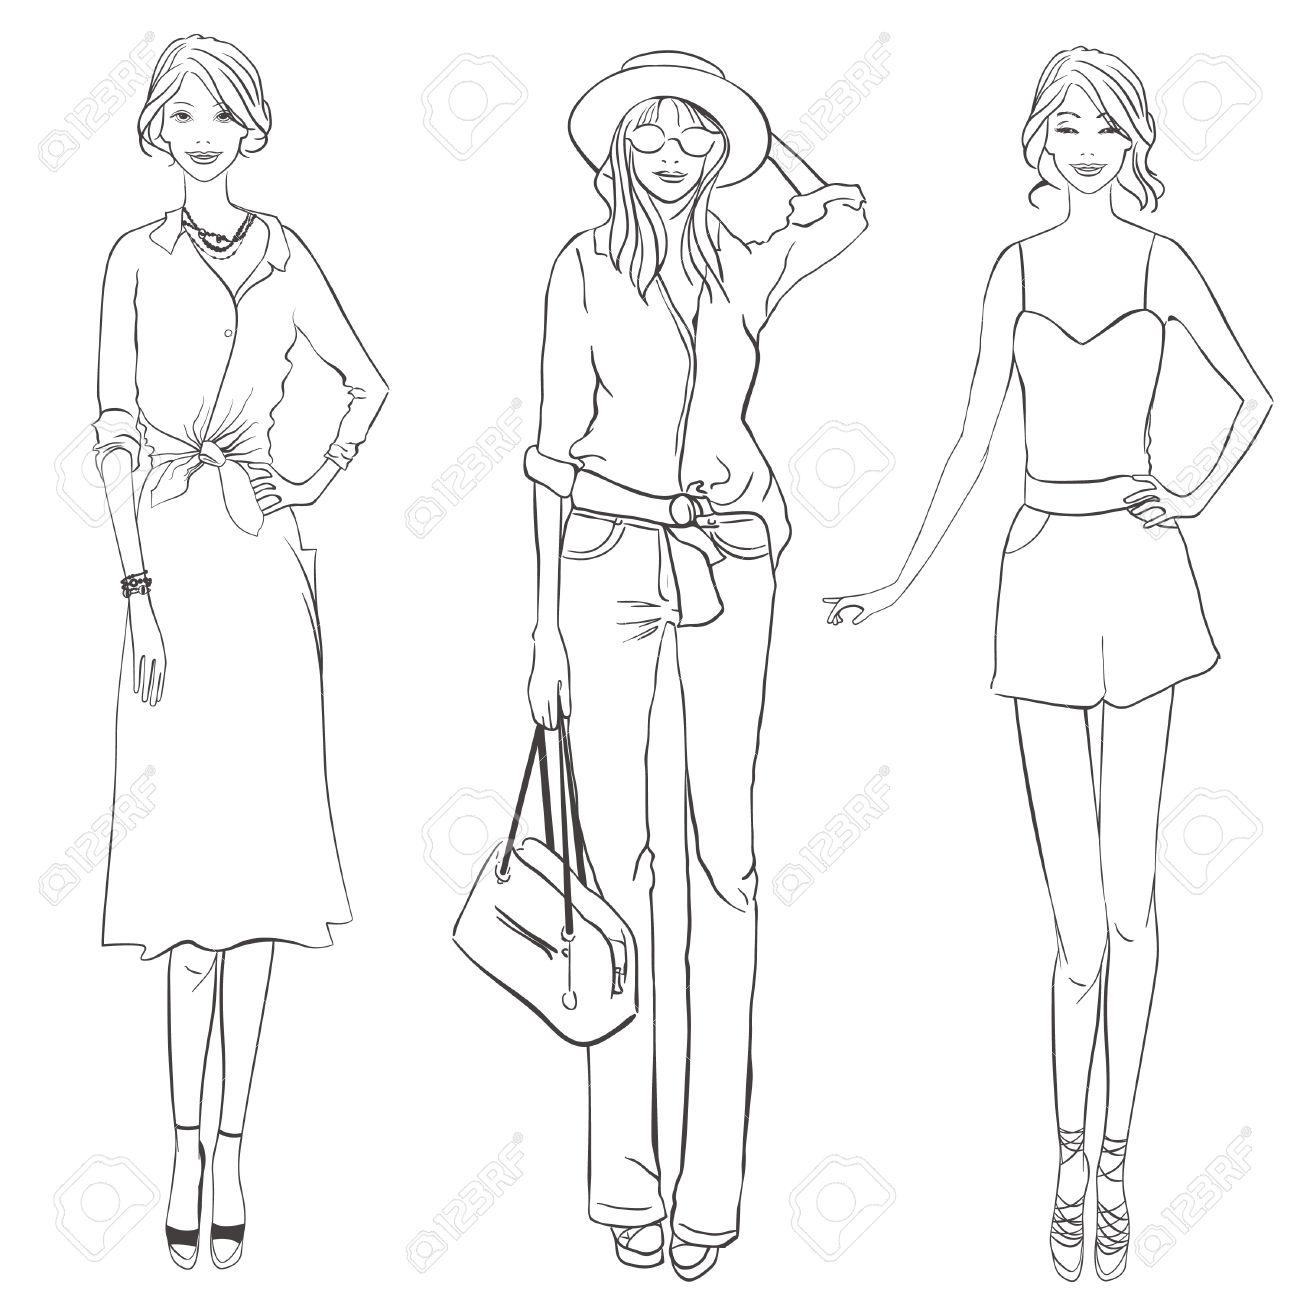 1300x1300 Three Girls With Different Garment. Fashion Designer Sketch